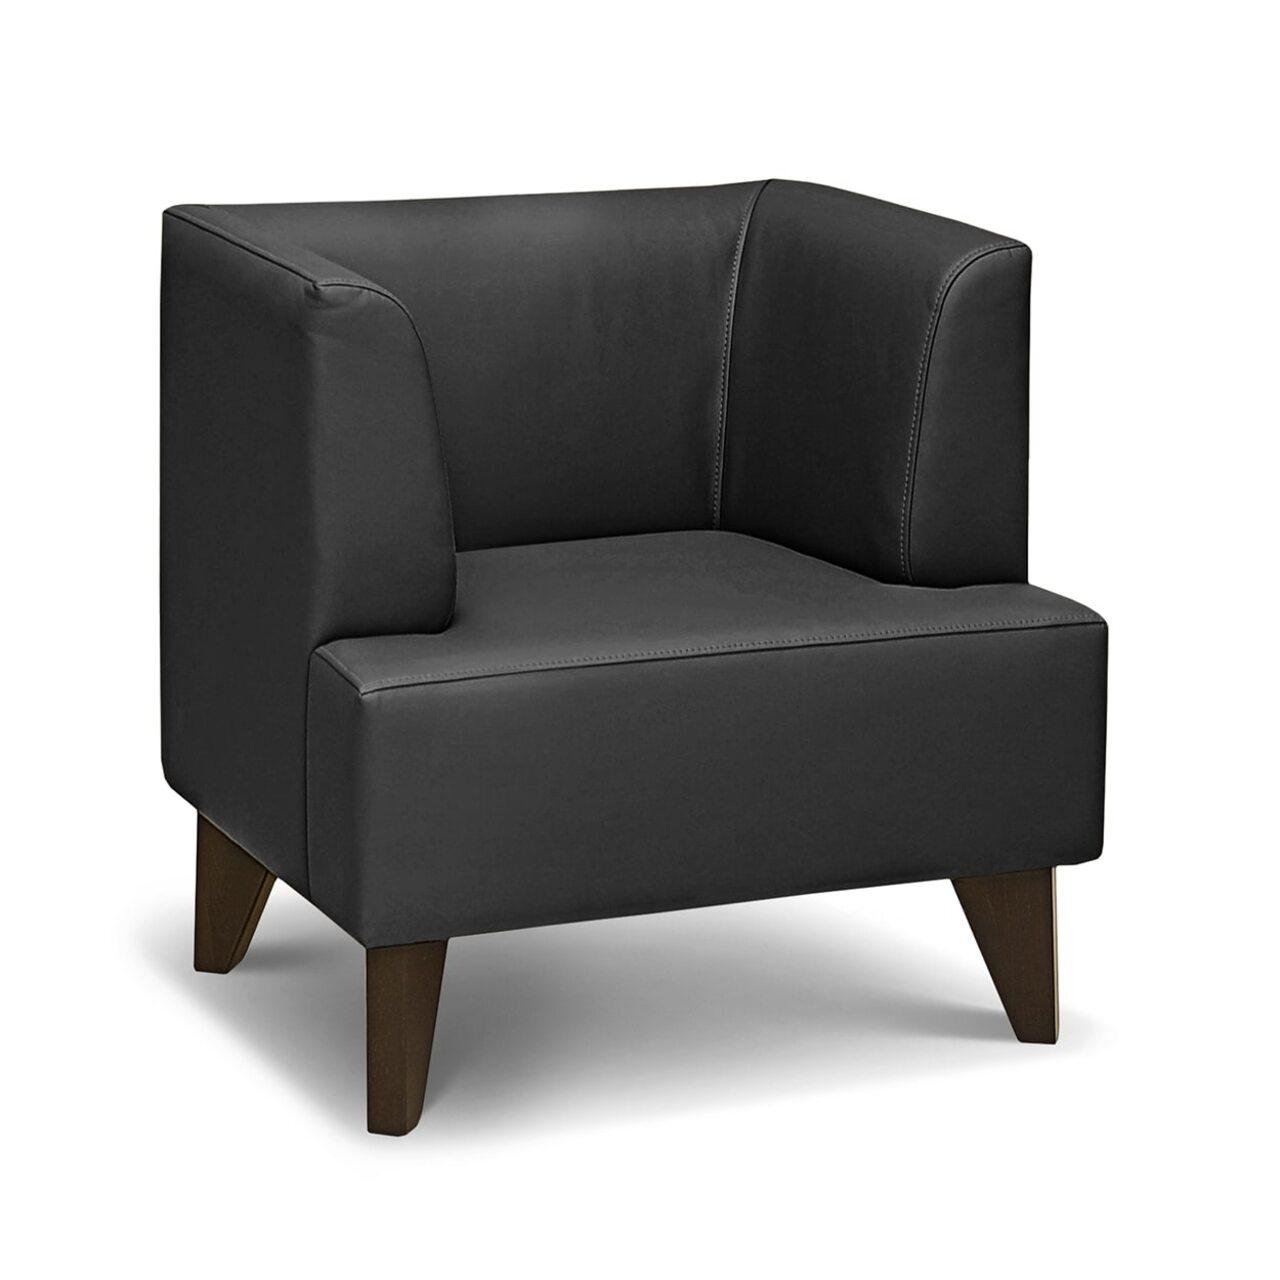 Кресло  Кантри 84x70x82 - фото 1